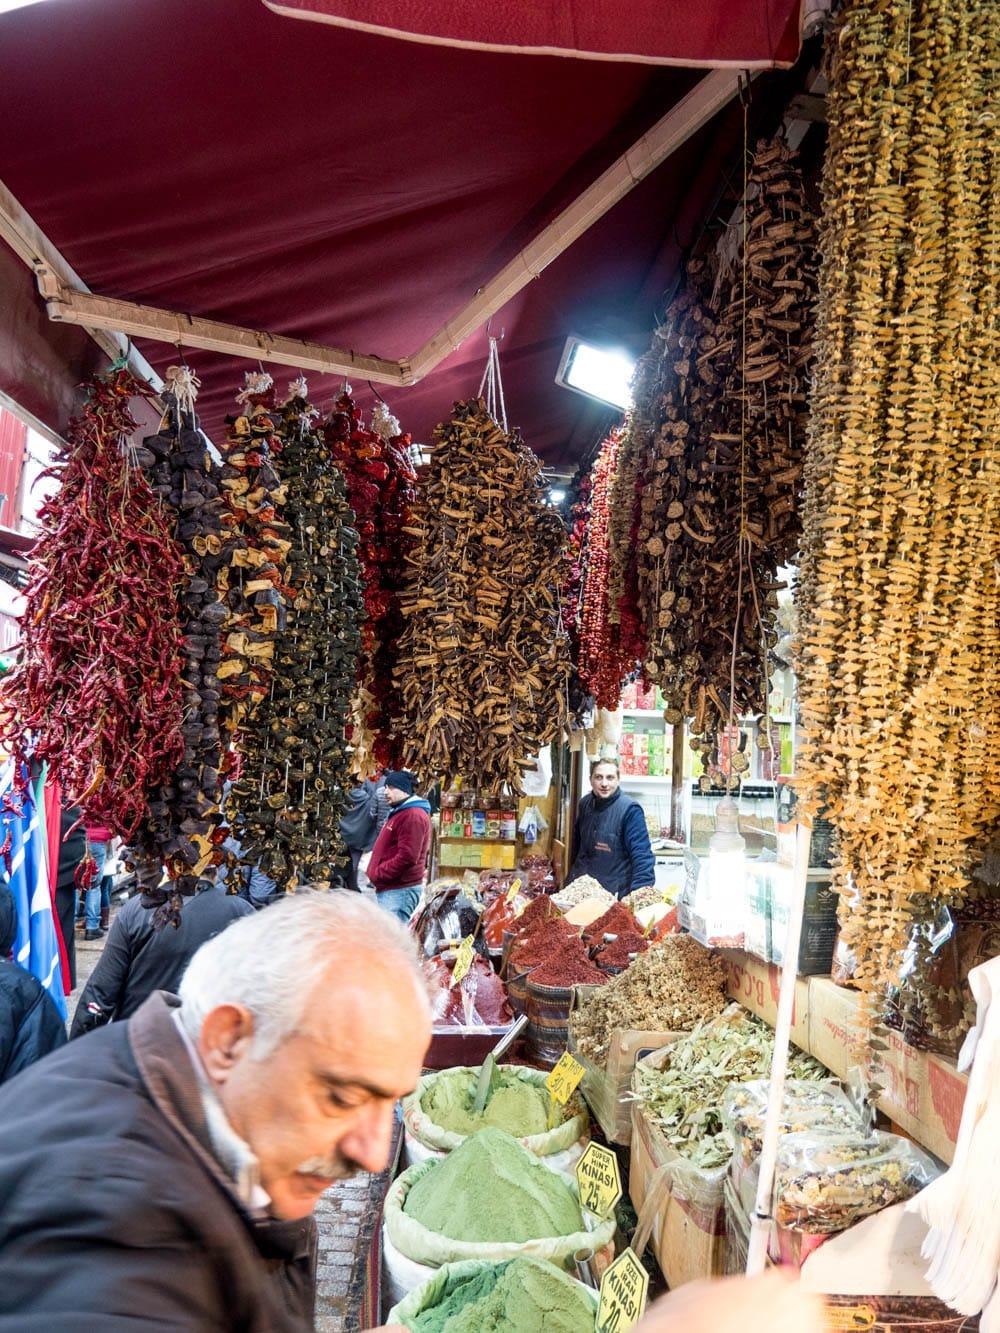 Tørkede aubergine, tomater og chili fra kryddermarkedet i Istanbul (Misir carsisi) / Et kjøkken i Istanbul